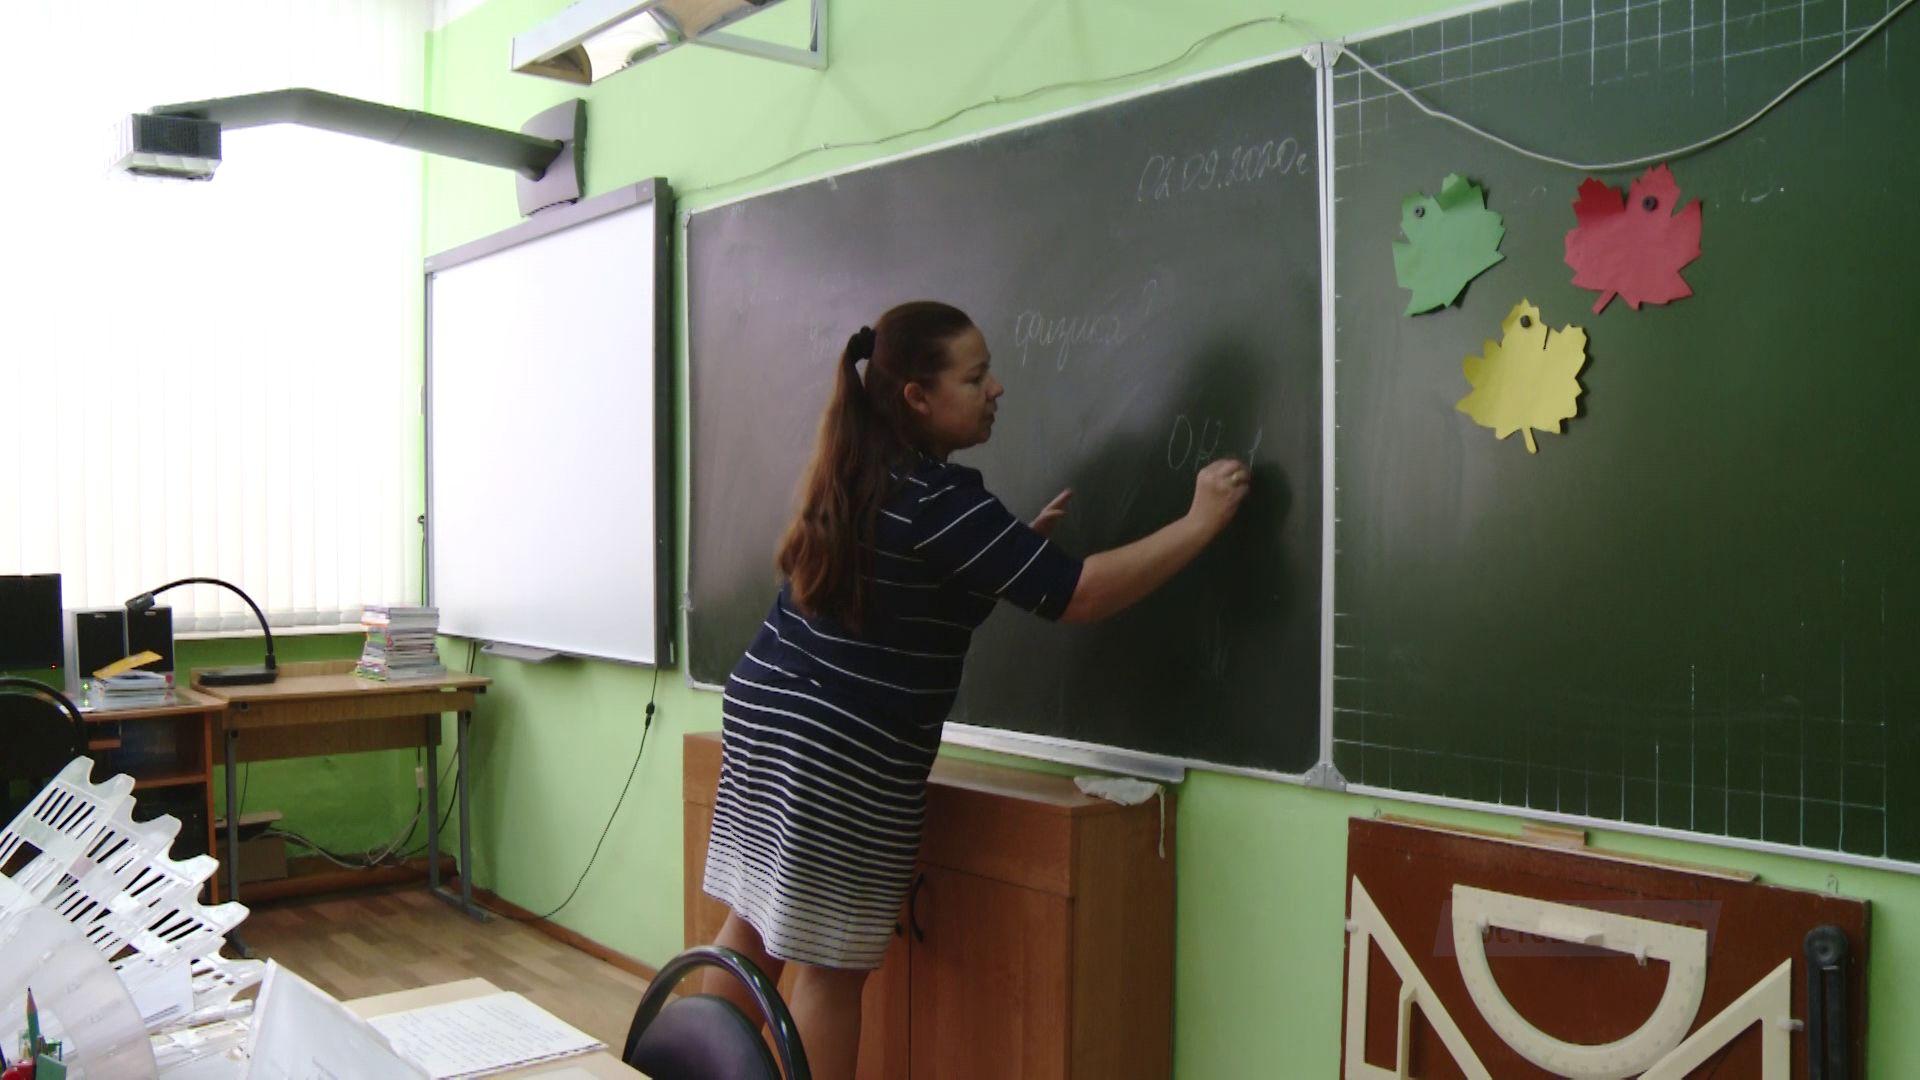 Работа на миллион: в Ярославскую область приехал «Земский учитель»